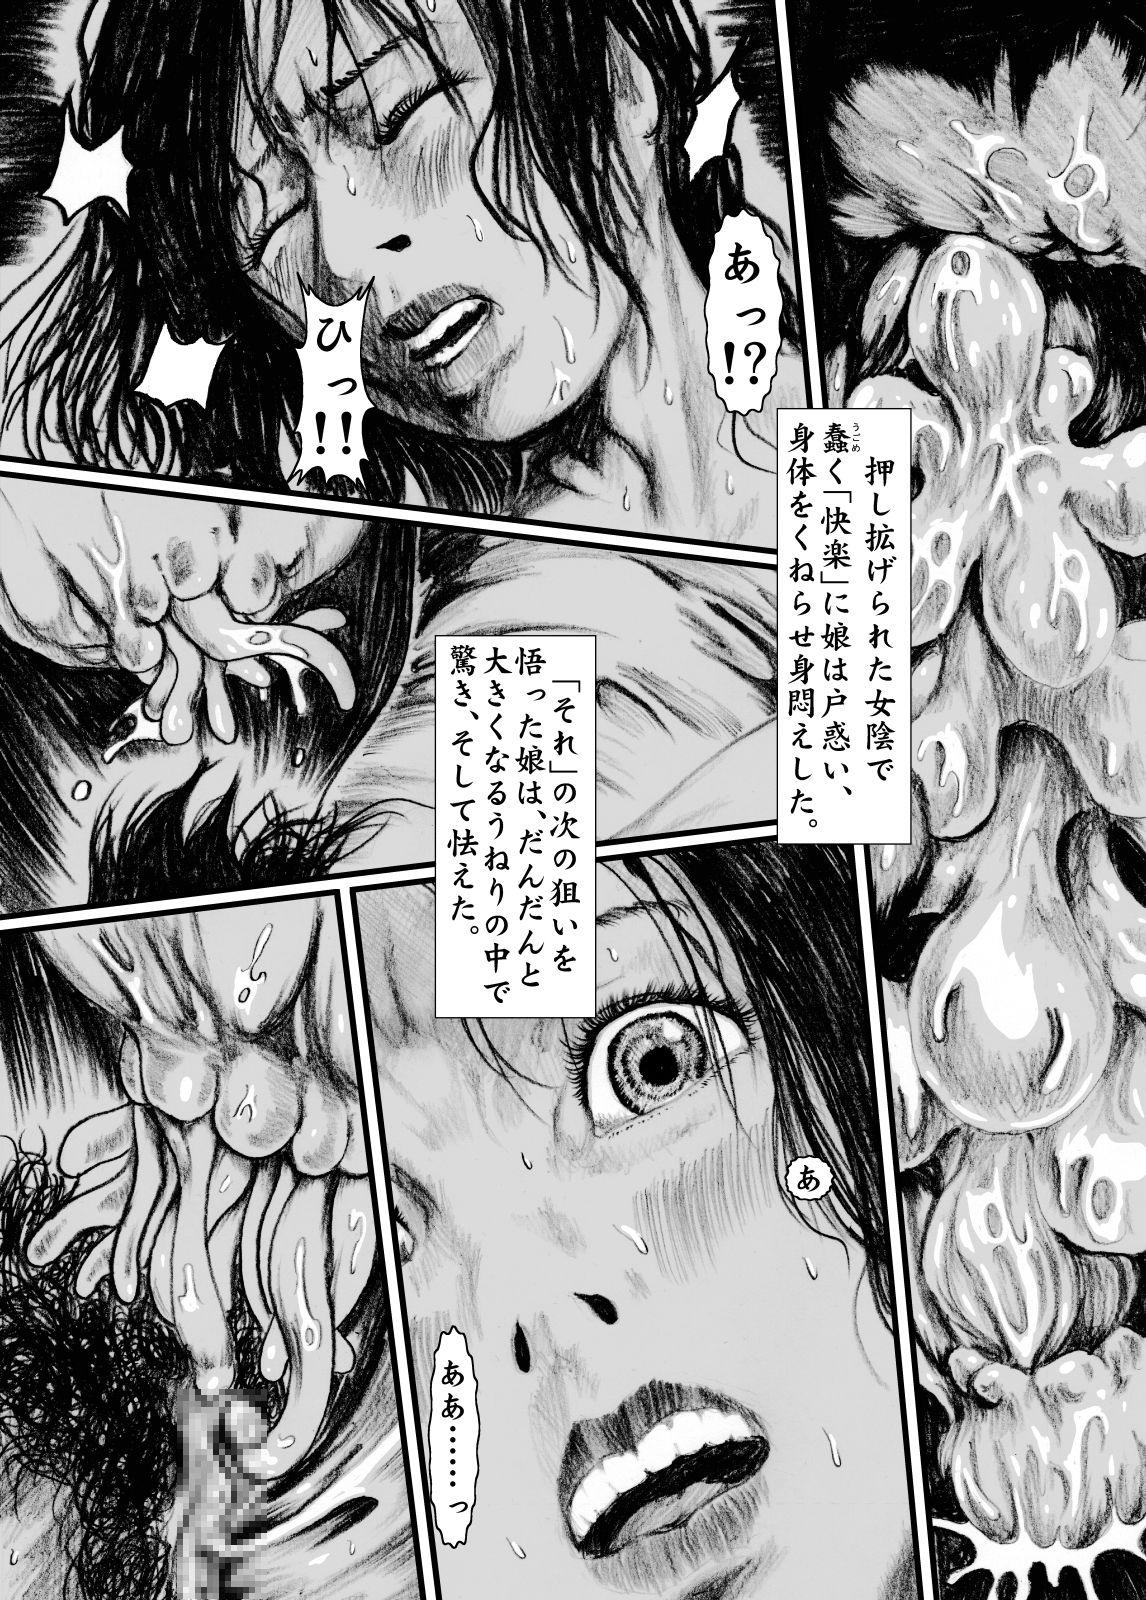 maguma no ikenie kijin-ro 7